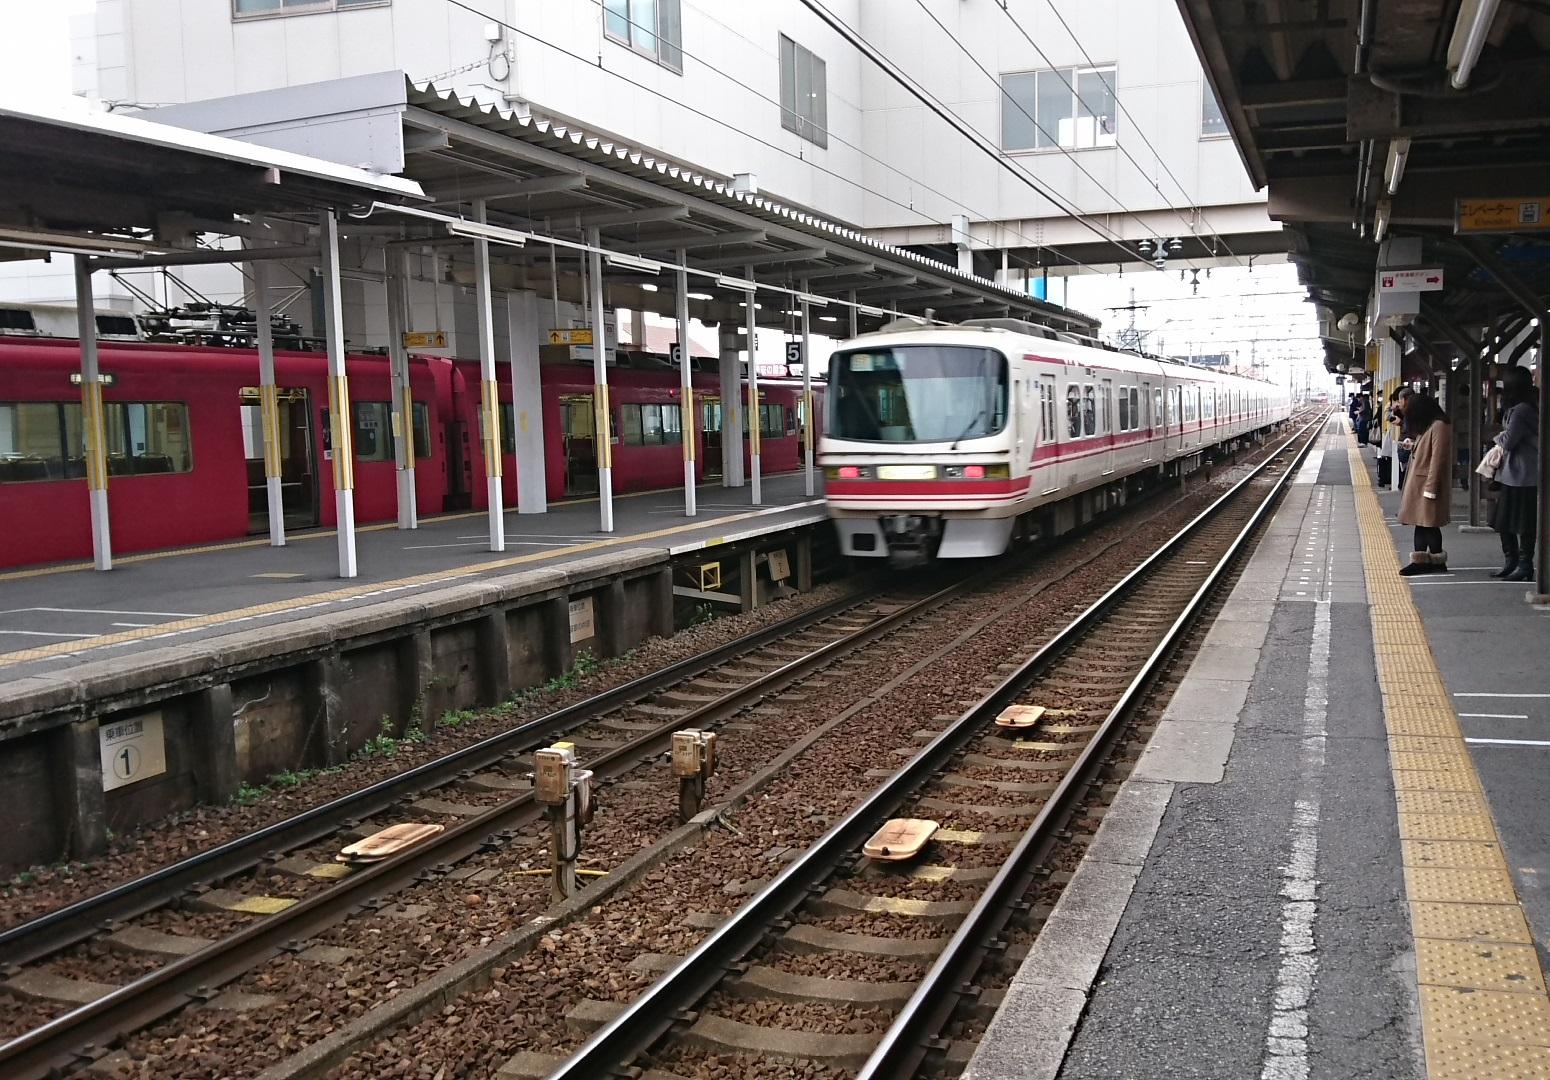 2017.1.3 岐阜まで (7) しんあんじょう - 豊橋いき快速特急 1550-1080